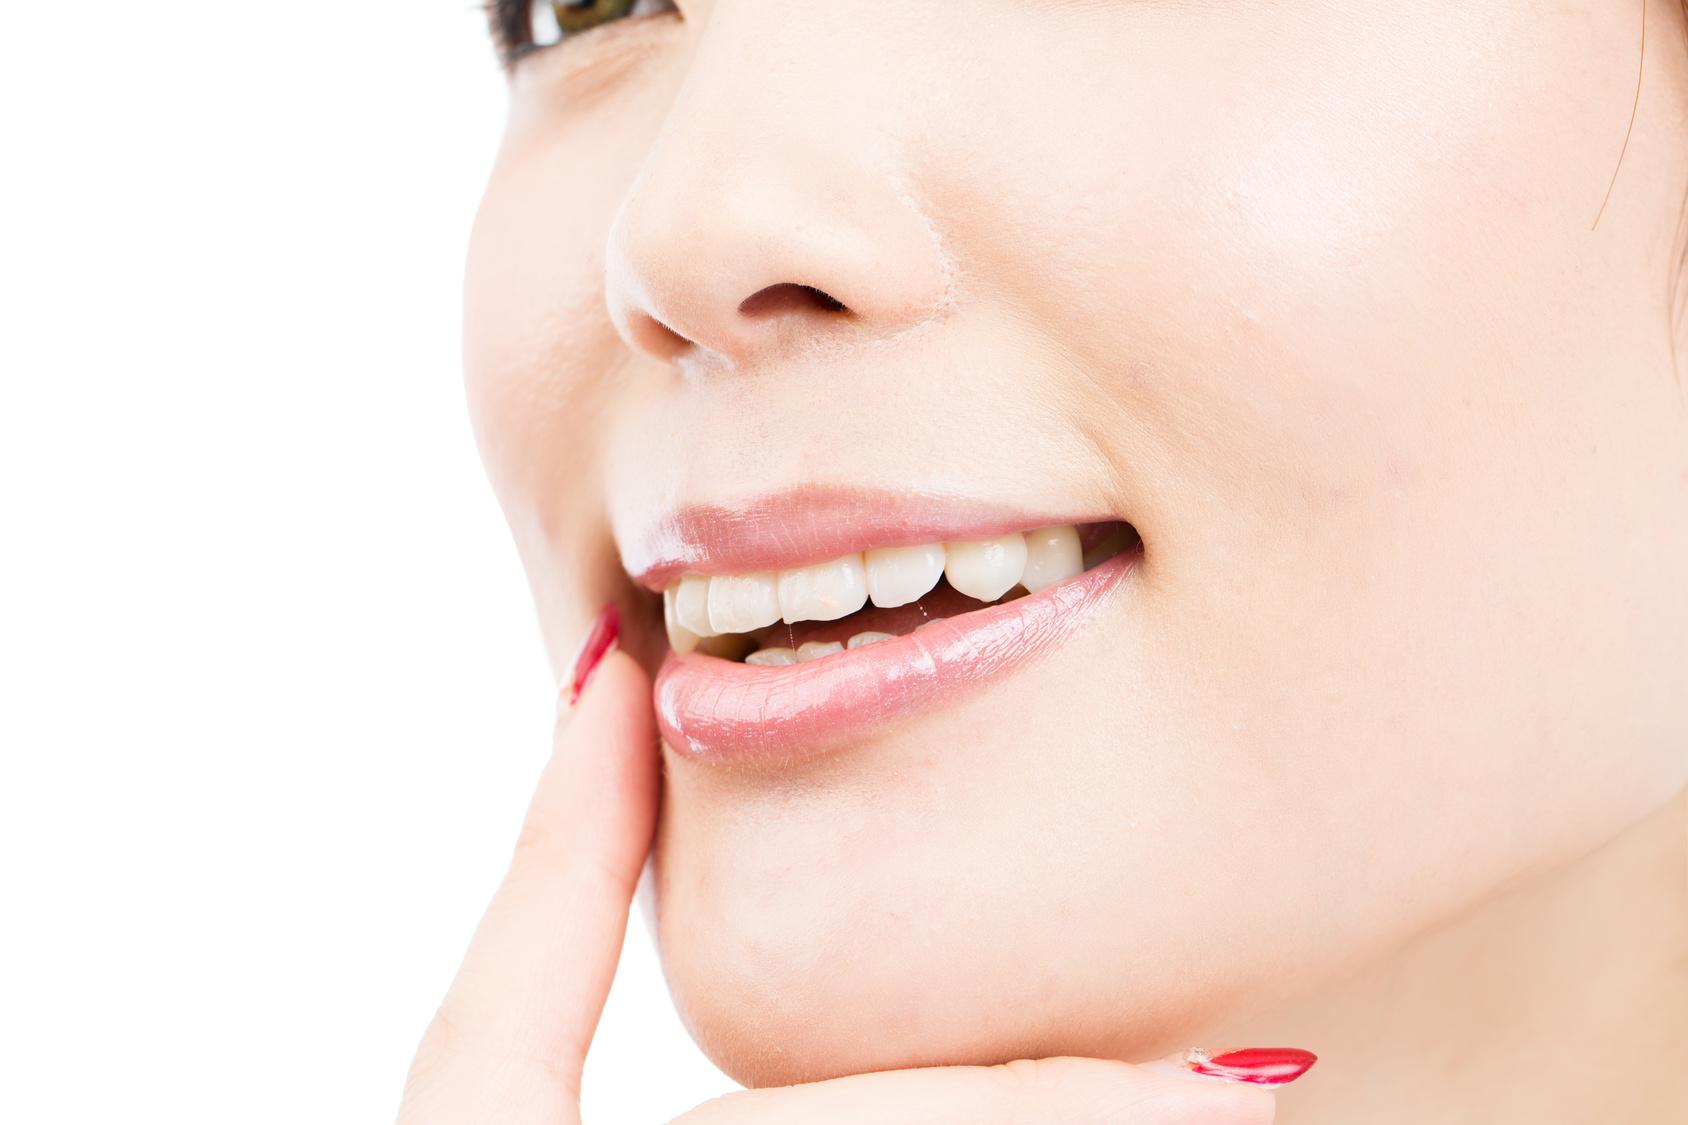 【タイプ別】インプラント被せ物を選ぶポイントまとめ(前歯・奥歯)